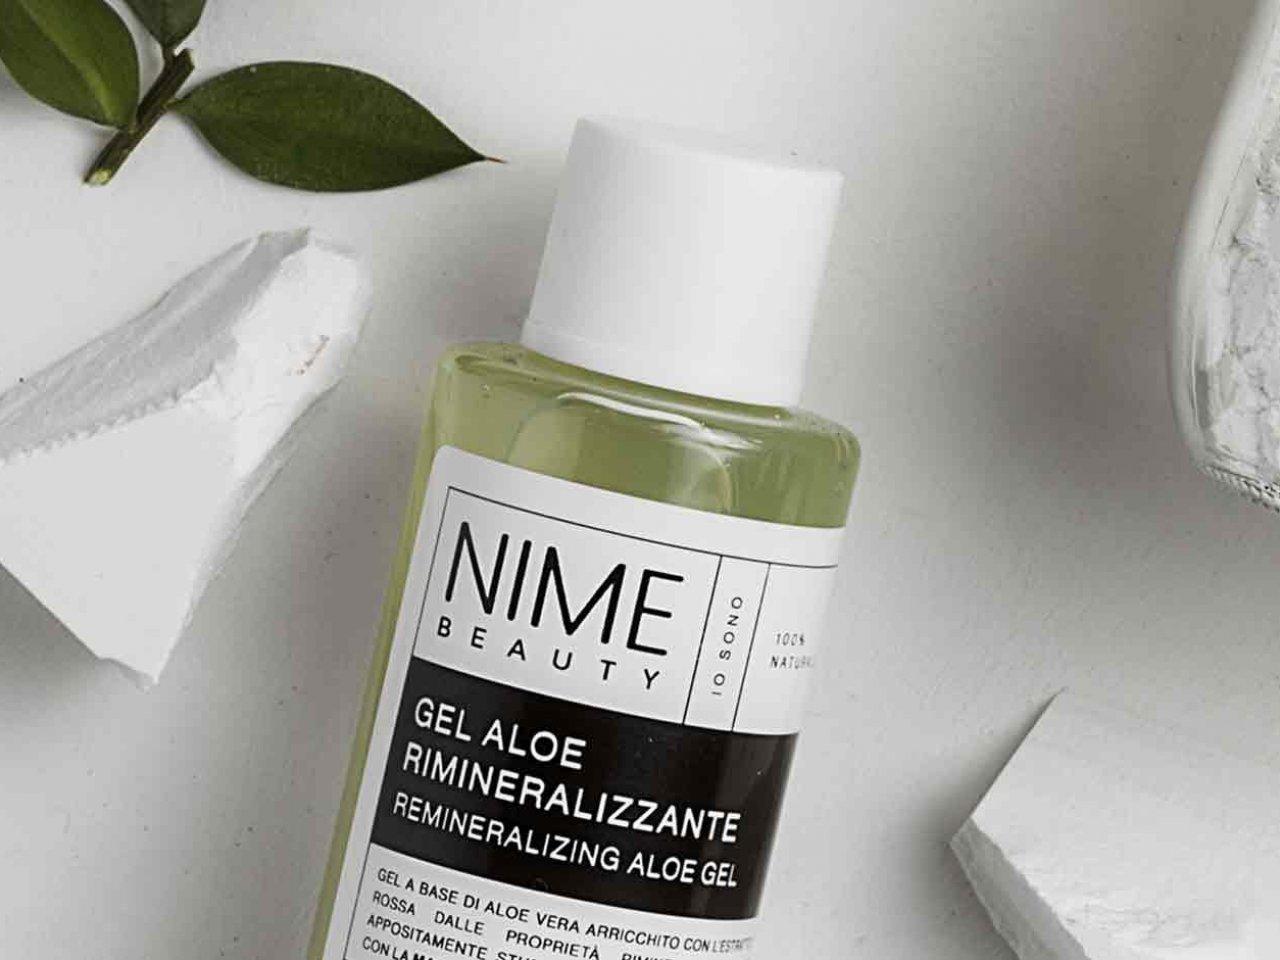 Maschera Viso Fai da Te Antiossidante+Gel Aloe Rimineralizzante - v5